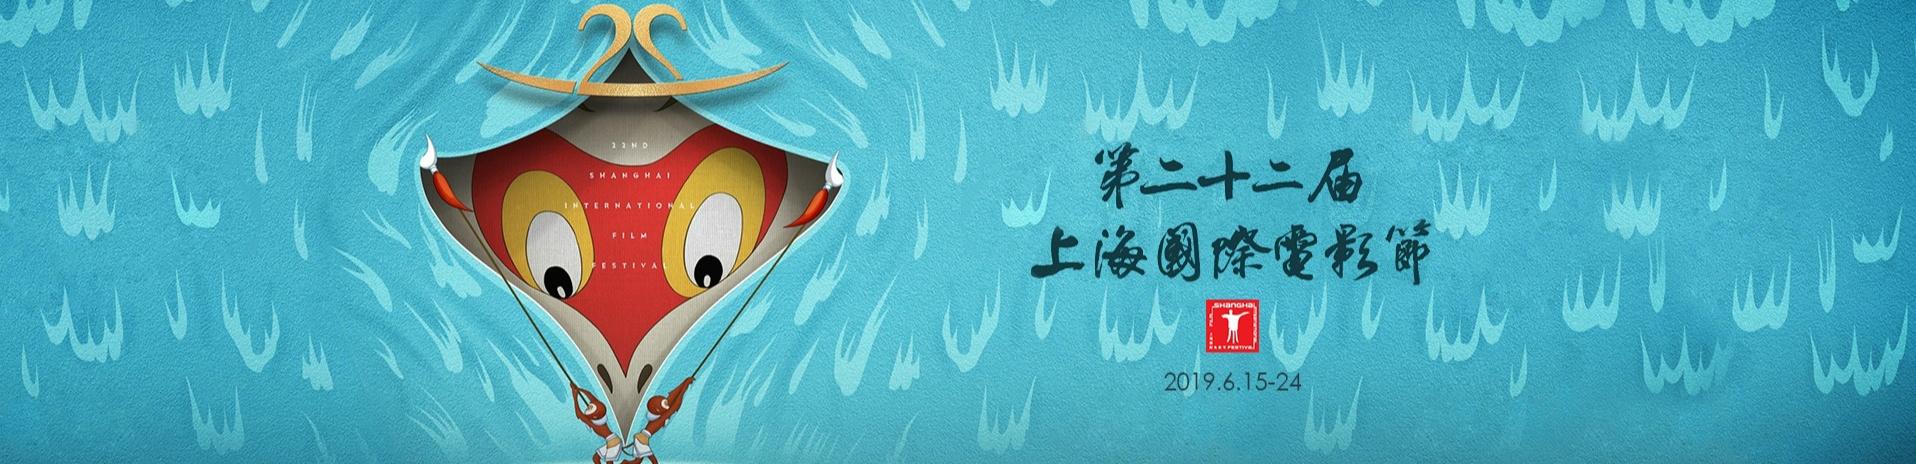 第22届上海国际电影节报道专题